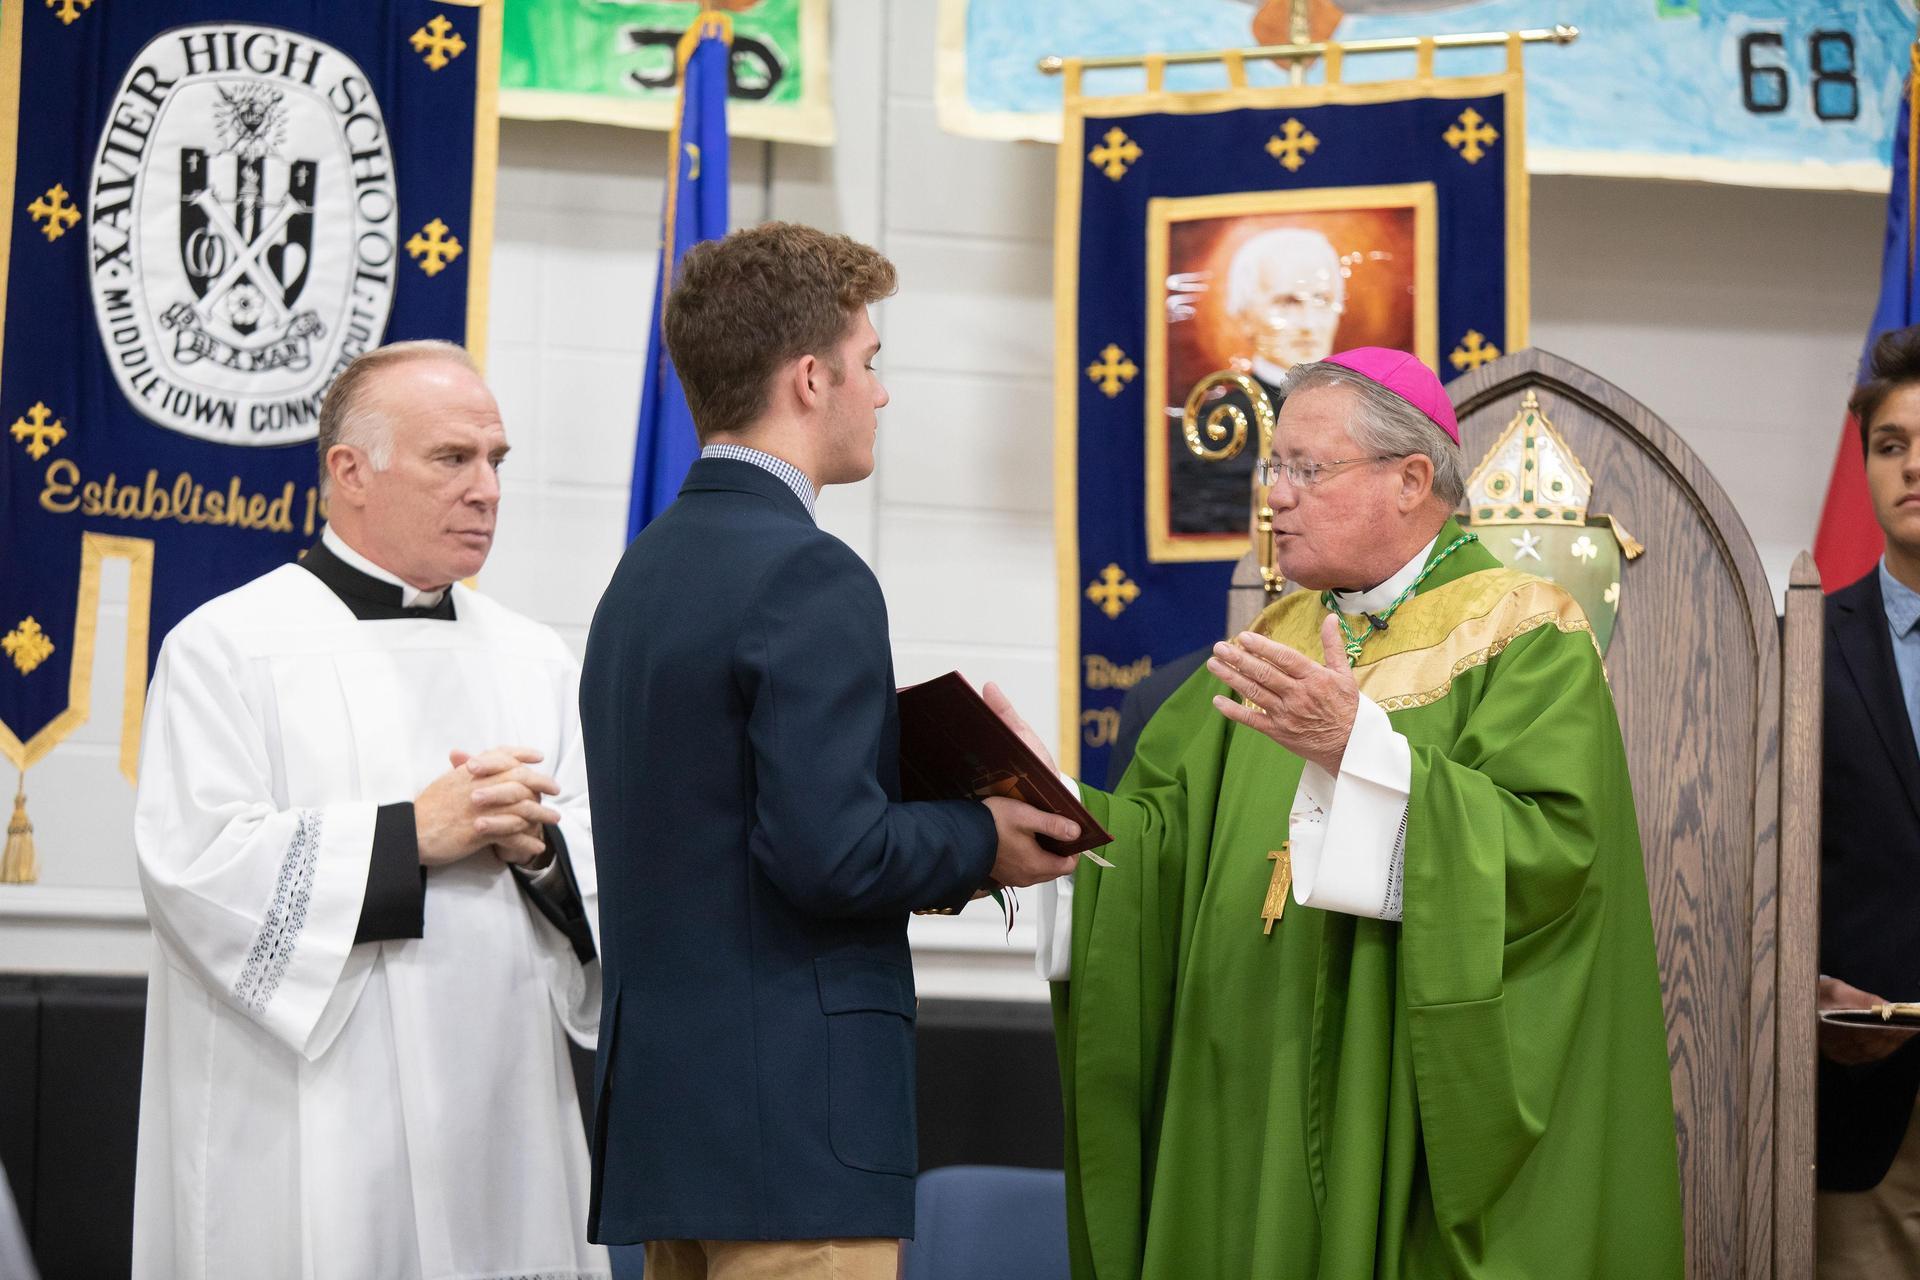 Mass at Xavier